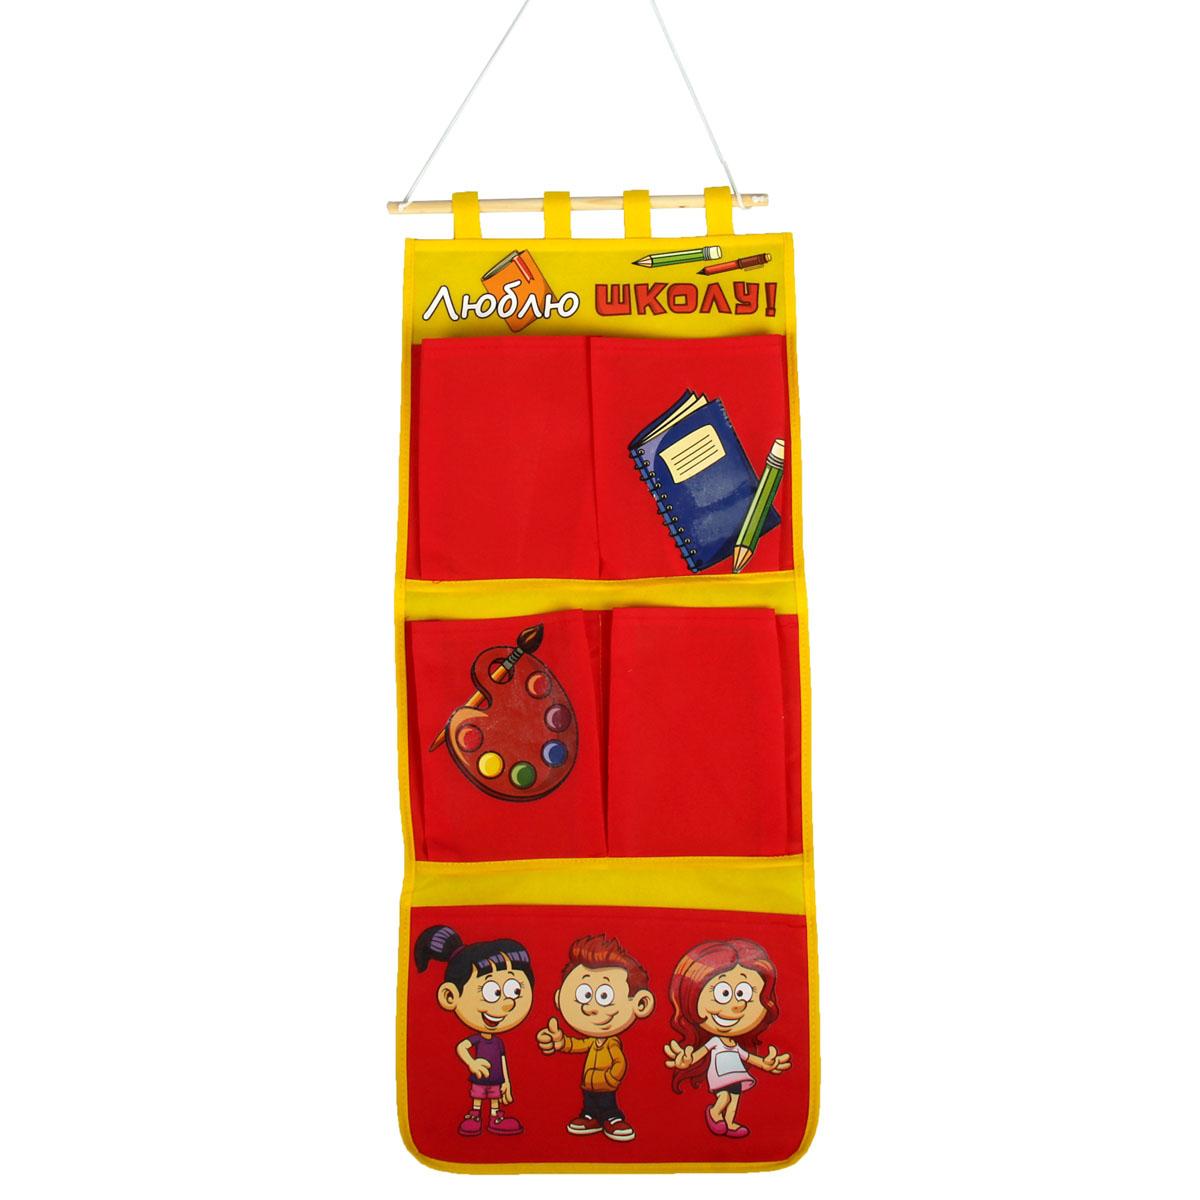 Кармашки на стену Sima-land Люблю школу!, цвет: красный, желтый, коричневый, 5 шт906878Кармашки на стену Sima-land «Люблю школу!», изготовленные из текстиля, предназначены для хранения необходимых вещей, множества мелочей в гардеробной, ванной, детской комнатах. Изделие представляет собой текстильное полотно с пятью пришитыми кармашками. Благодаря деревянной планке и шнурку, кармашки можно подвесить на стену или дверь в необходимом для вас месте. Кармашки декорированы изображениями веселых ребятишек, школьных принадлежностей и надписью «Люблю школу!». Этот нужный предмет может стать одновременно и декоративным элементом комнаты. Яркий дизайн, как ничто иное, способен оживить интерьер вашего дома.